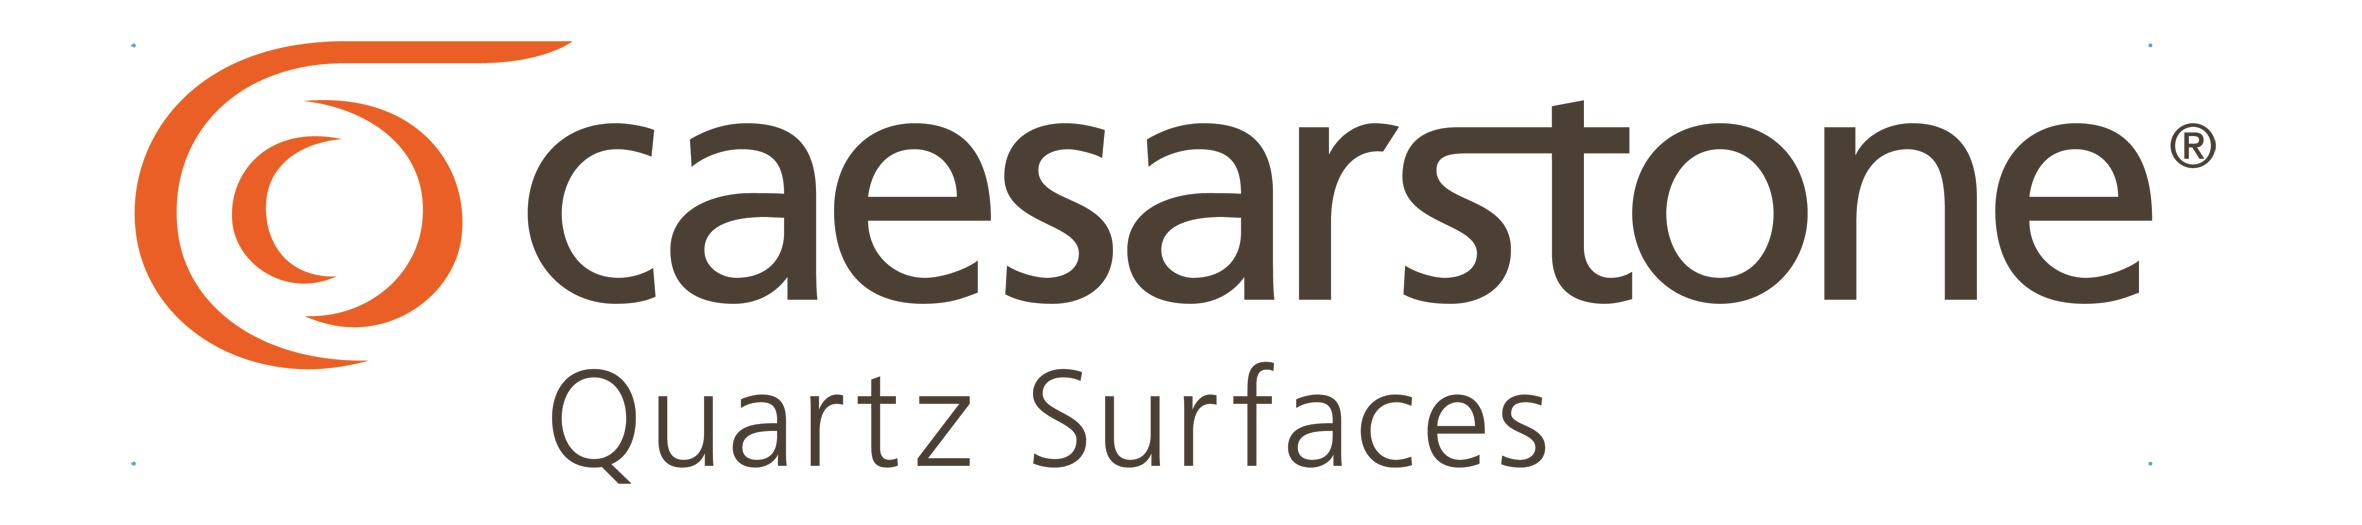 caesarstone_logo.jpg